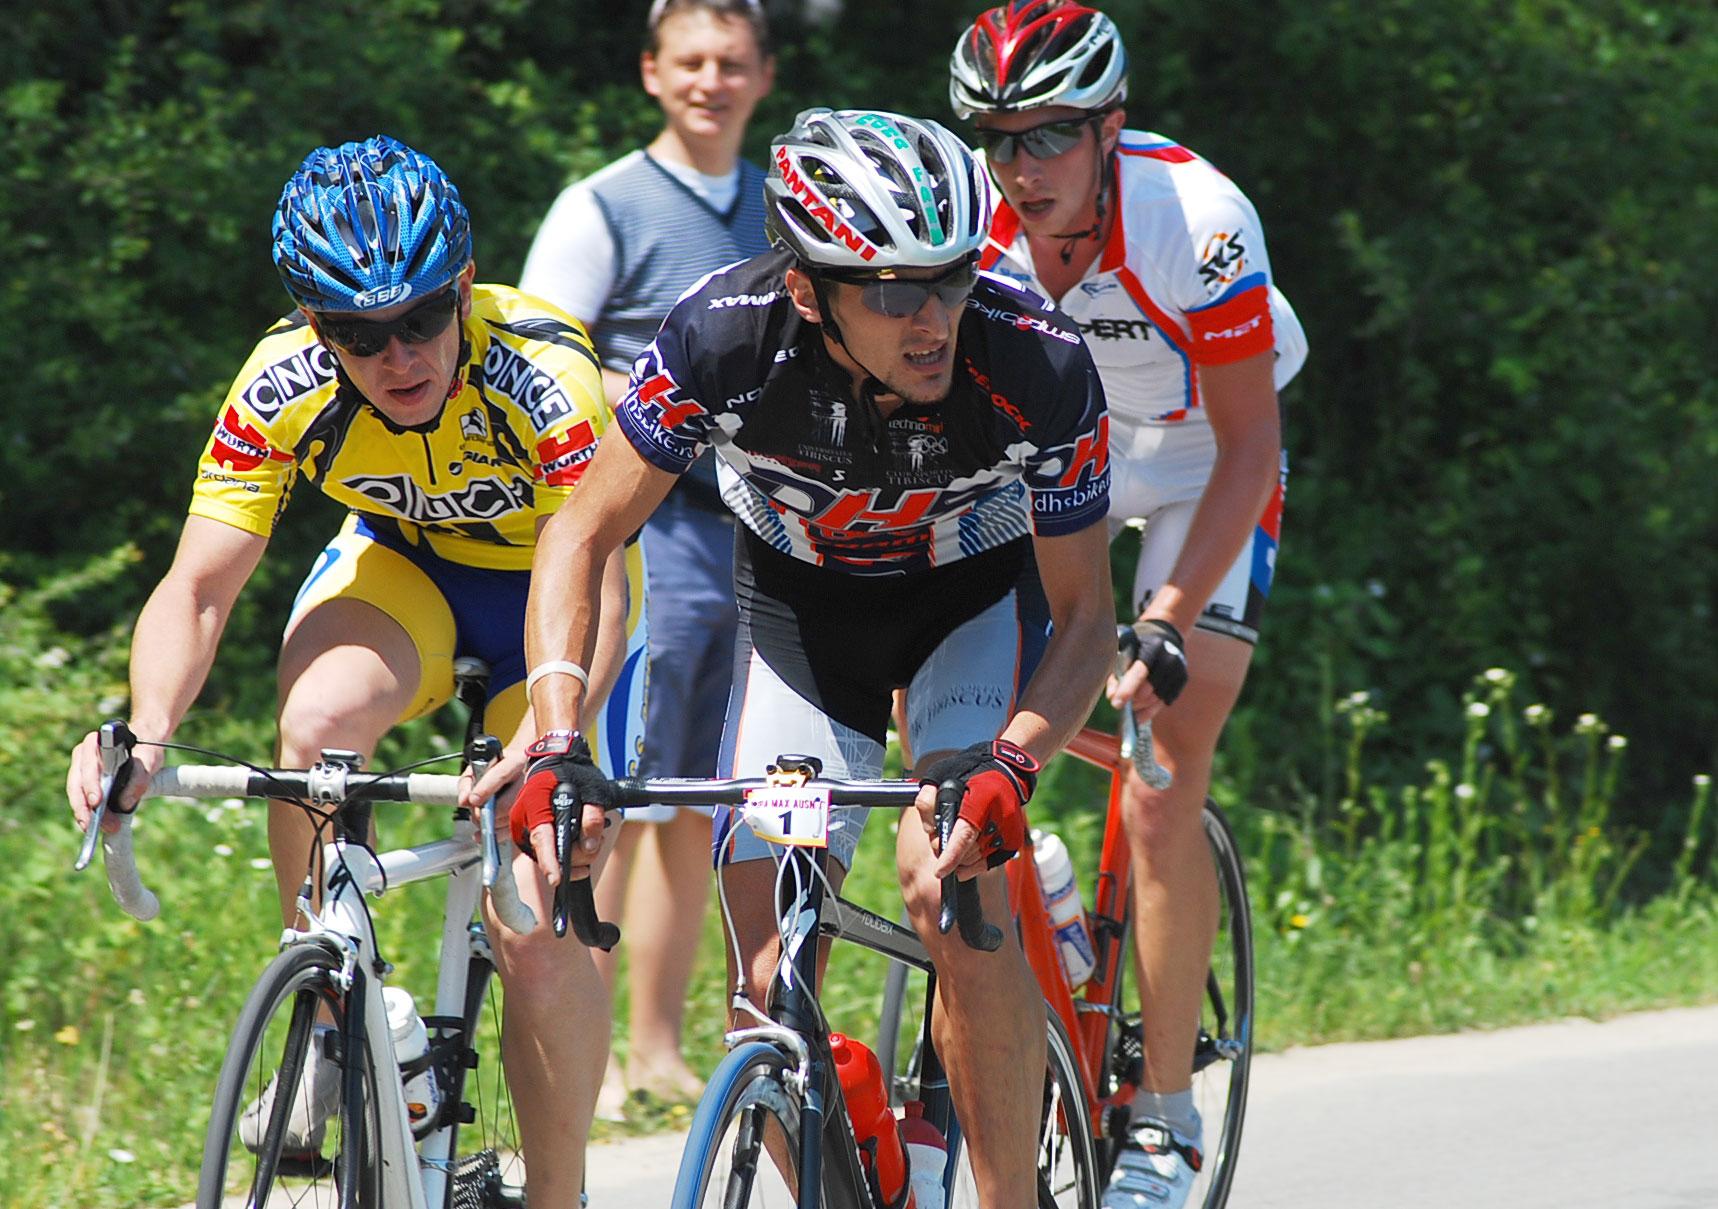 Aproape 400 de cicliști iau startul în cea de-a zecea ediție a Cupei Max Ausnit.